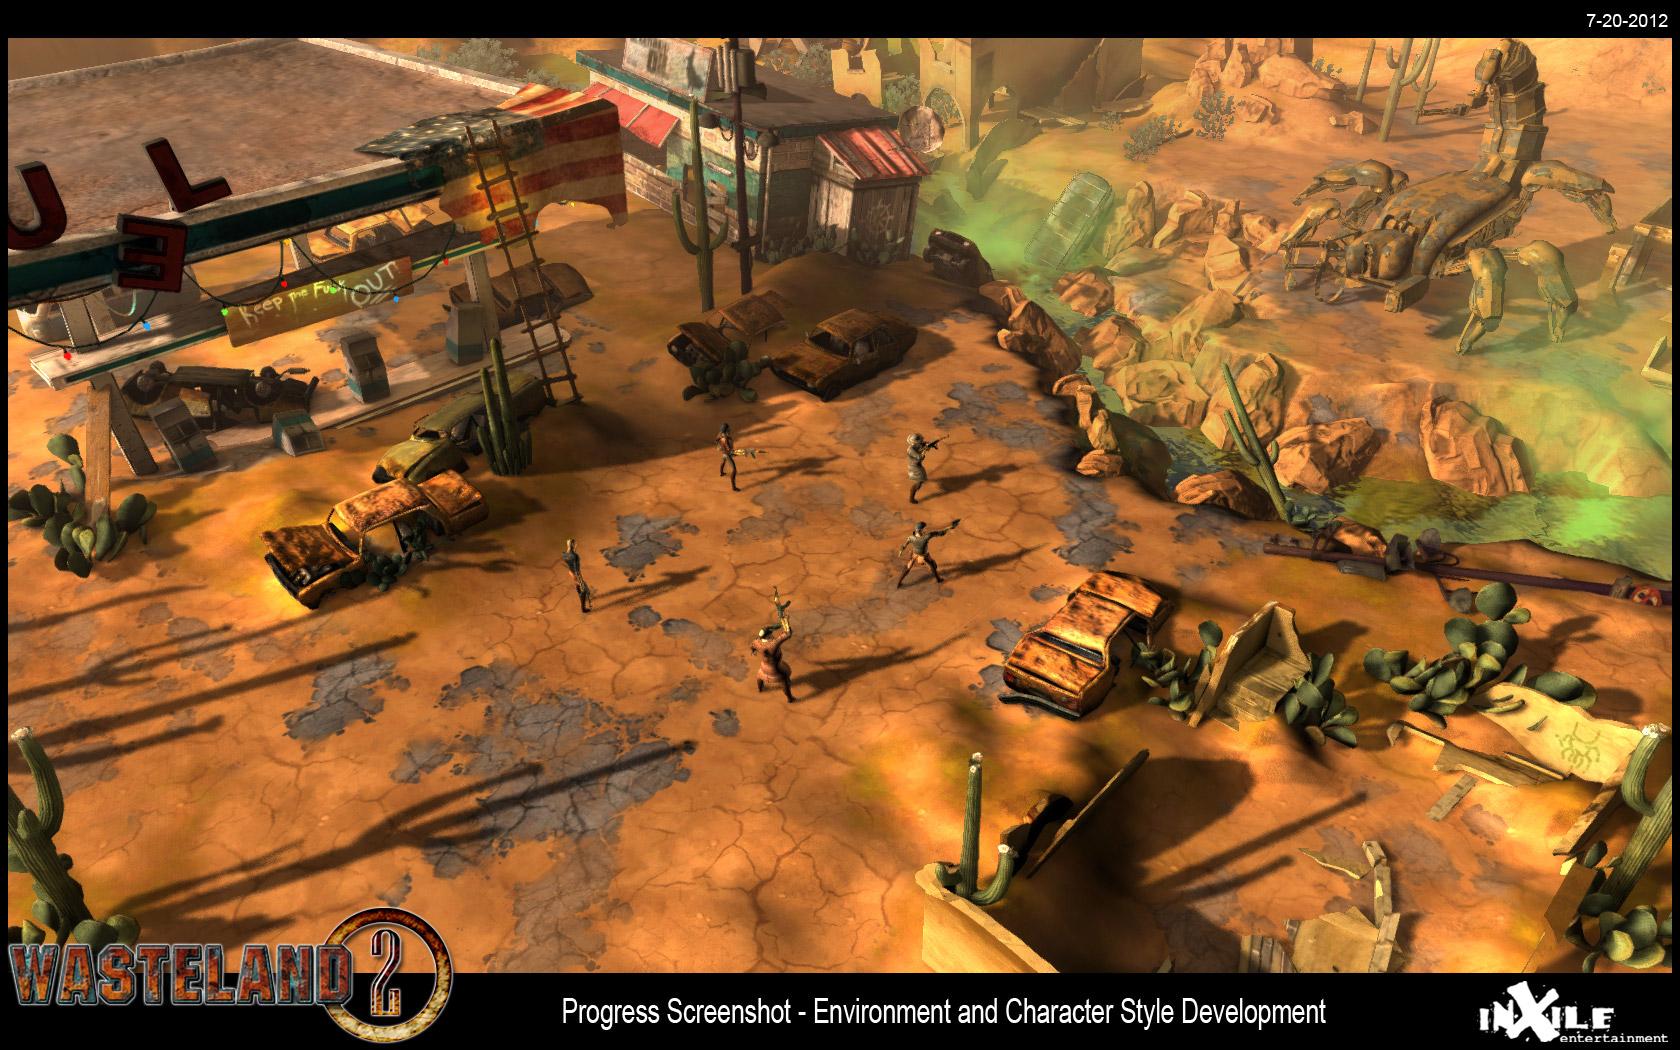 screenshot-style-dev.jpg